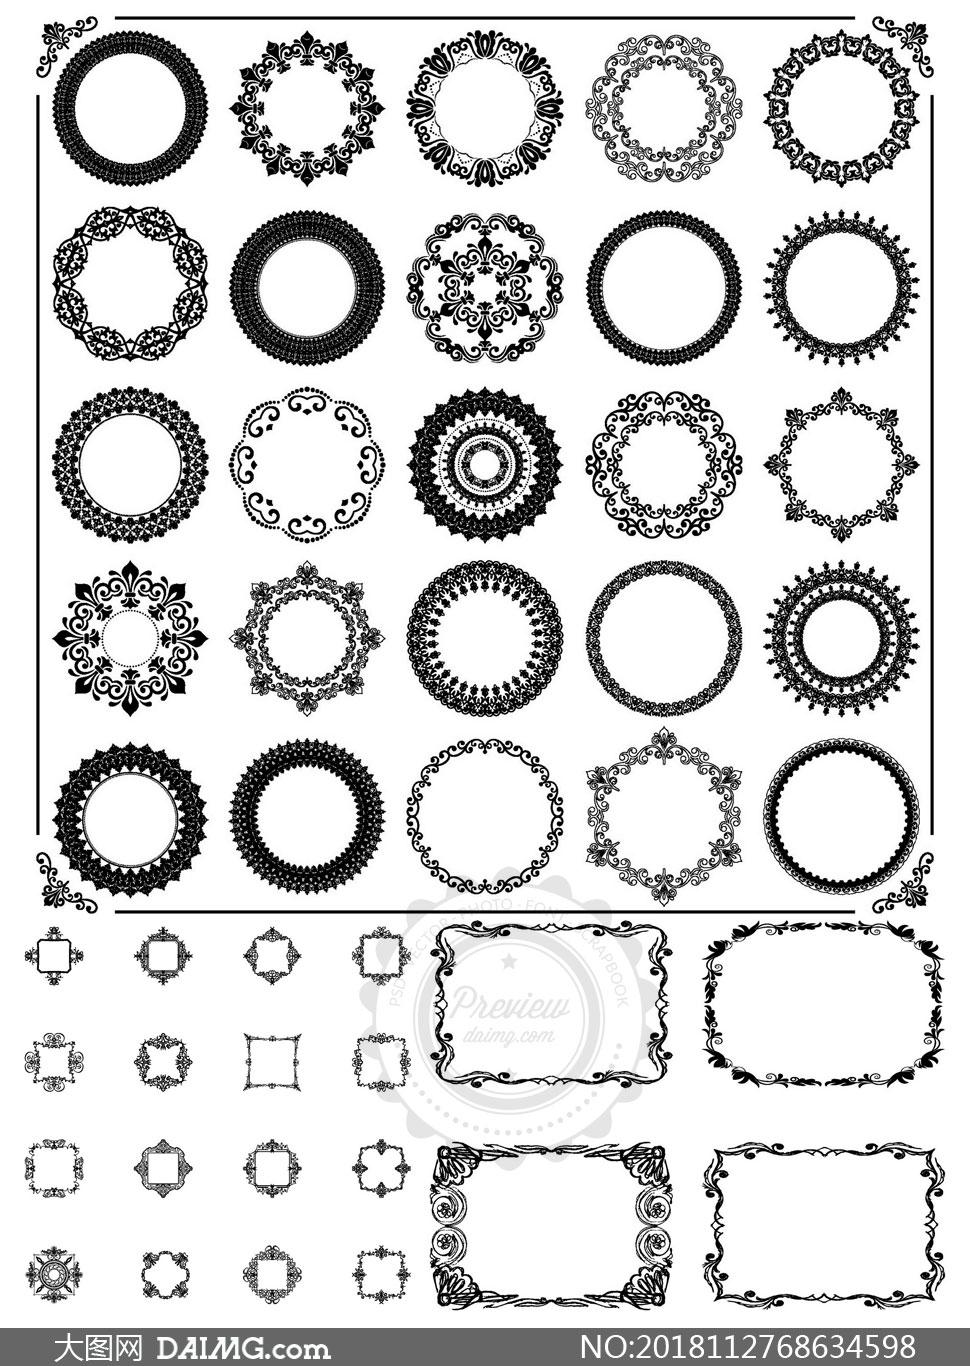 圆形等样式的花纹边框装饰矢量素材